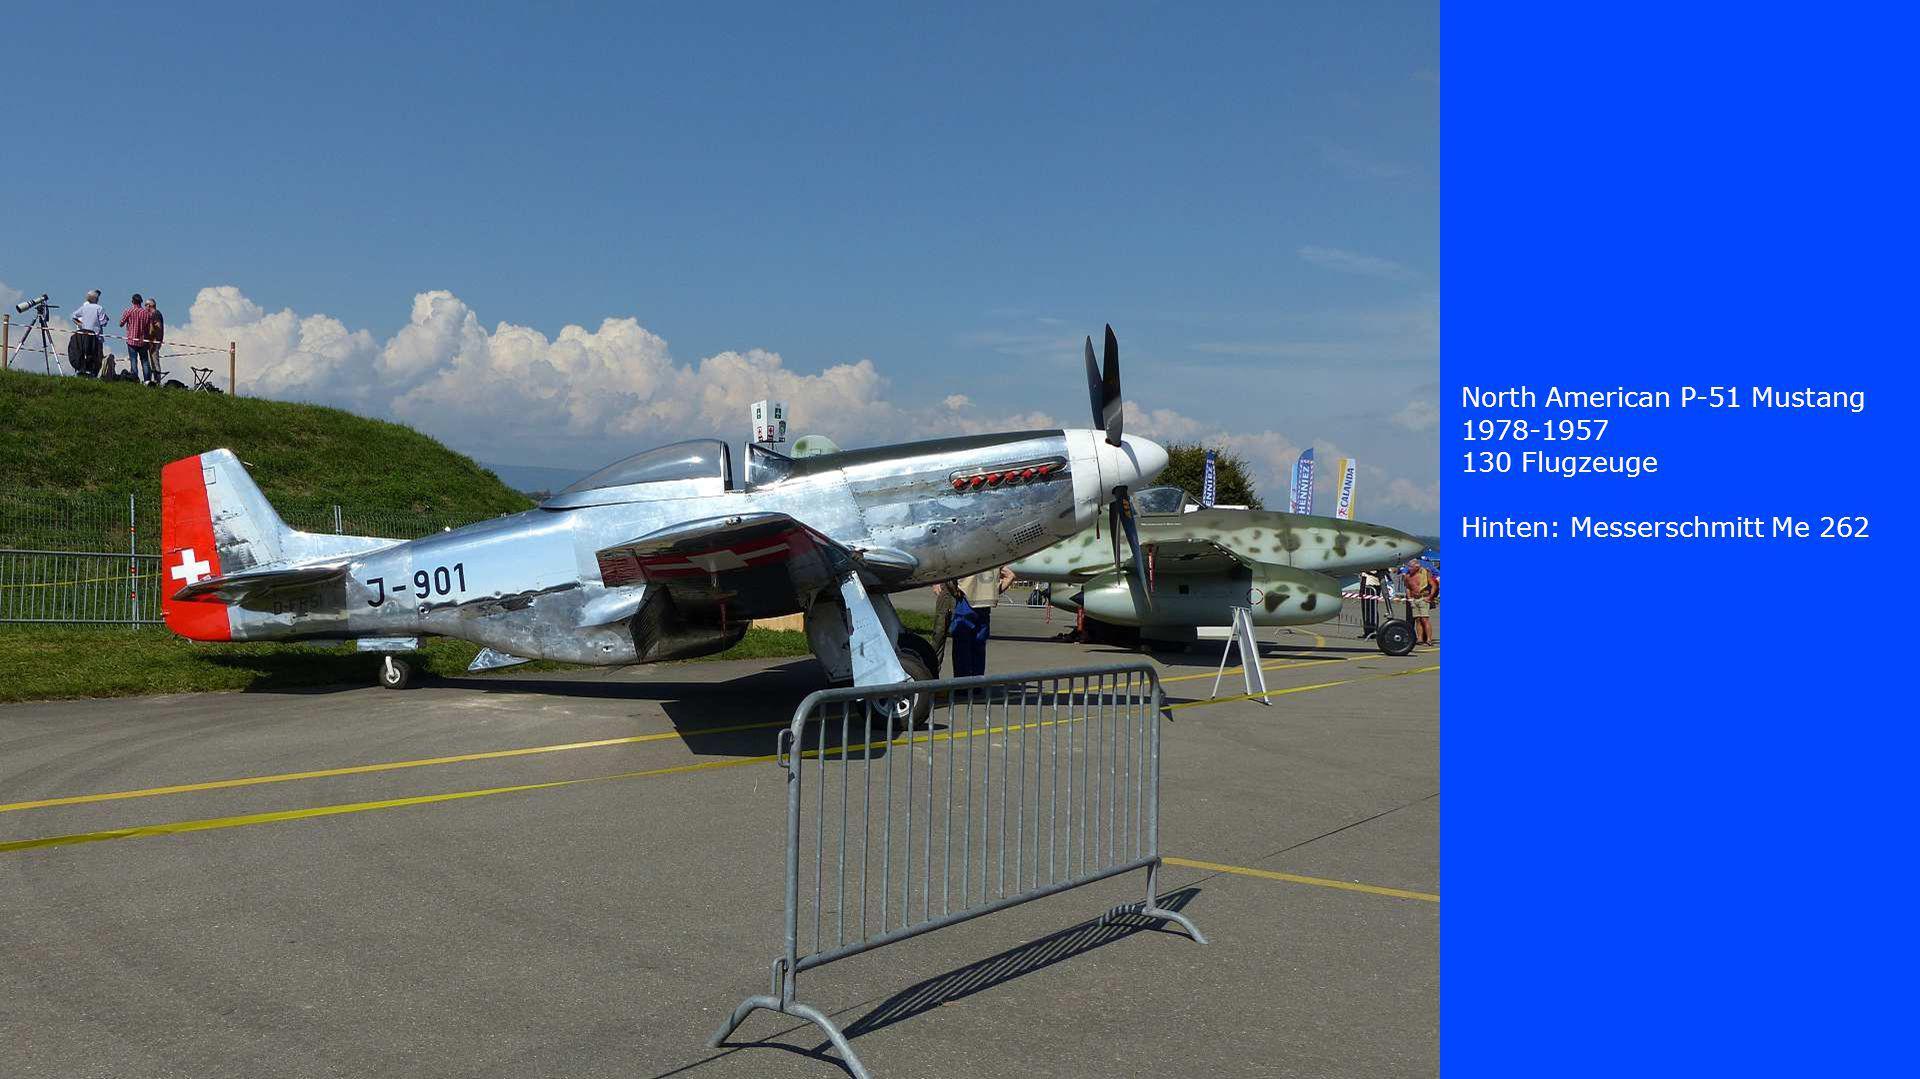 North American P-51 Mustang 1978-1957 130 Flugzeuge Hinten: Messerschmitt Me 262